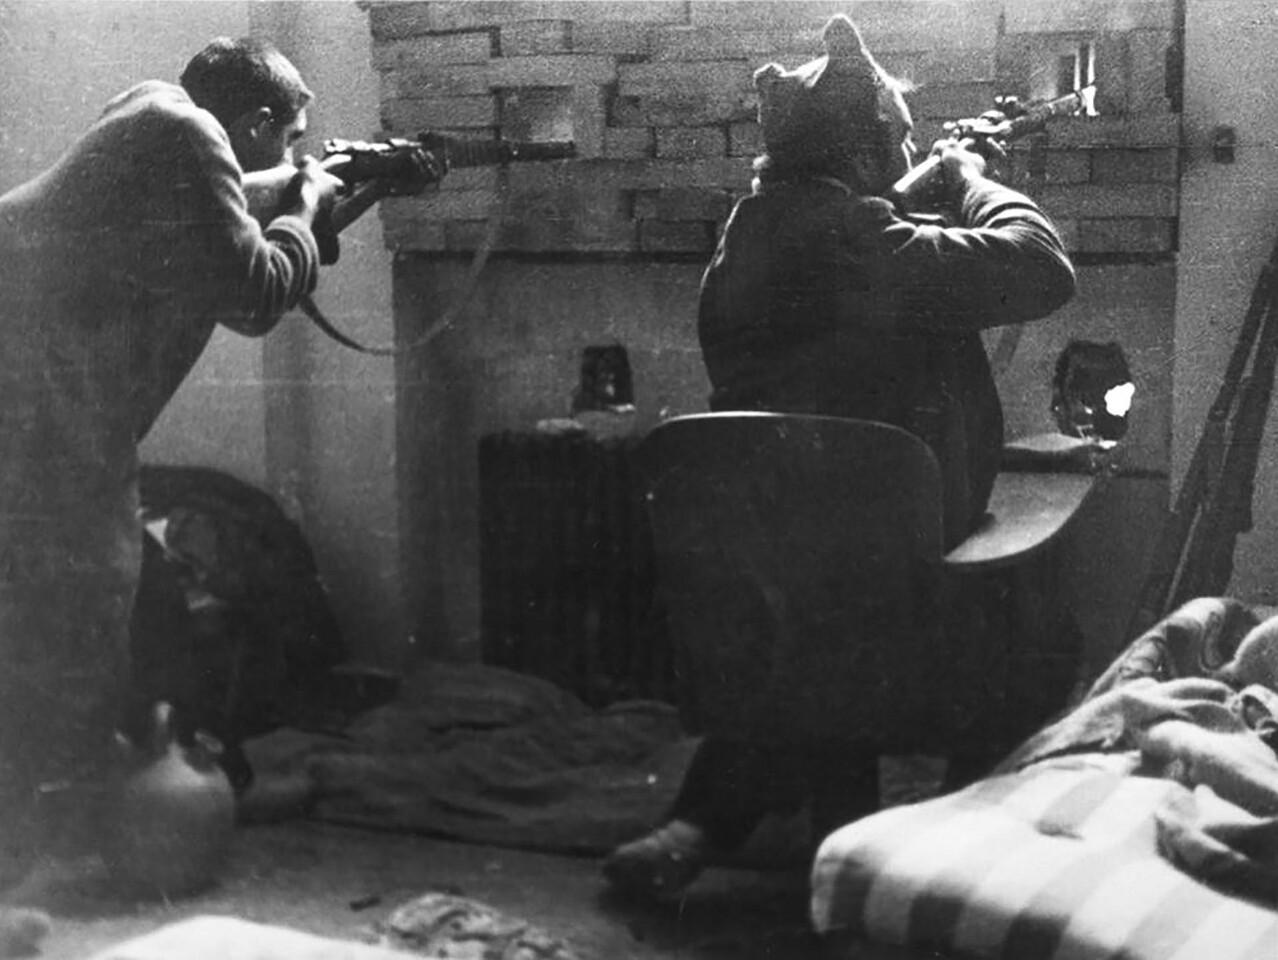 80 años de la Guerra Civil Española desde el lente de Robert Capa (7)